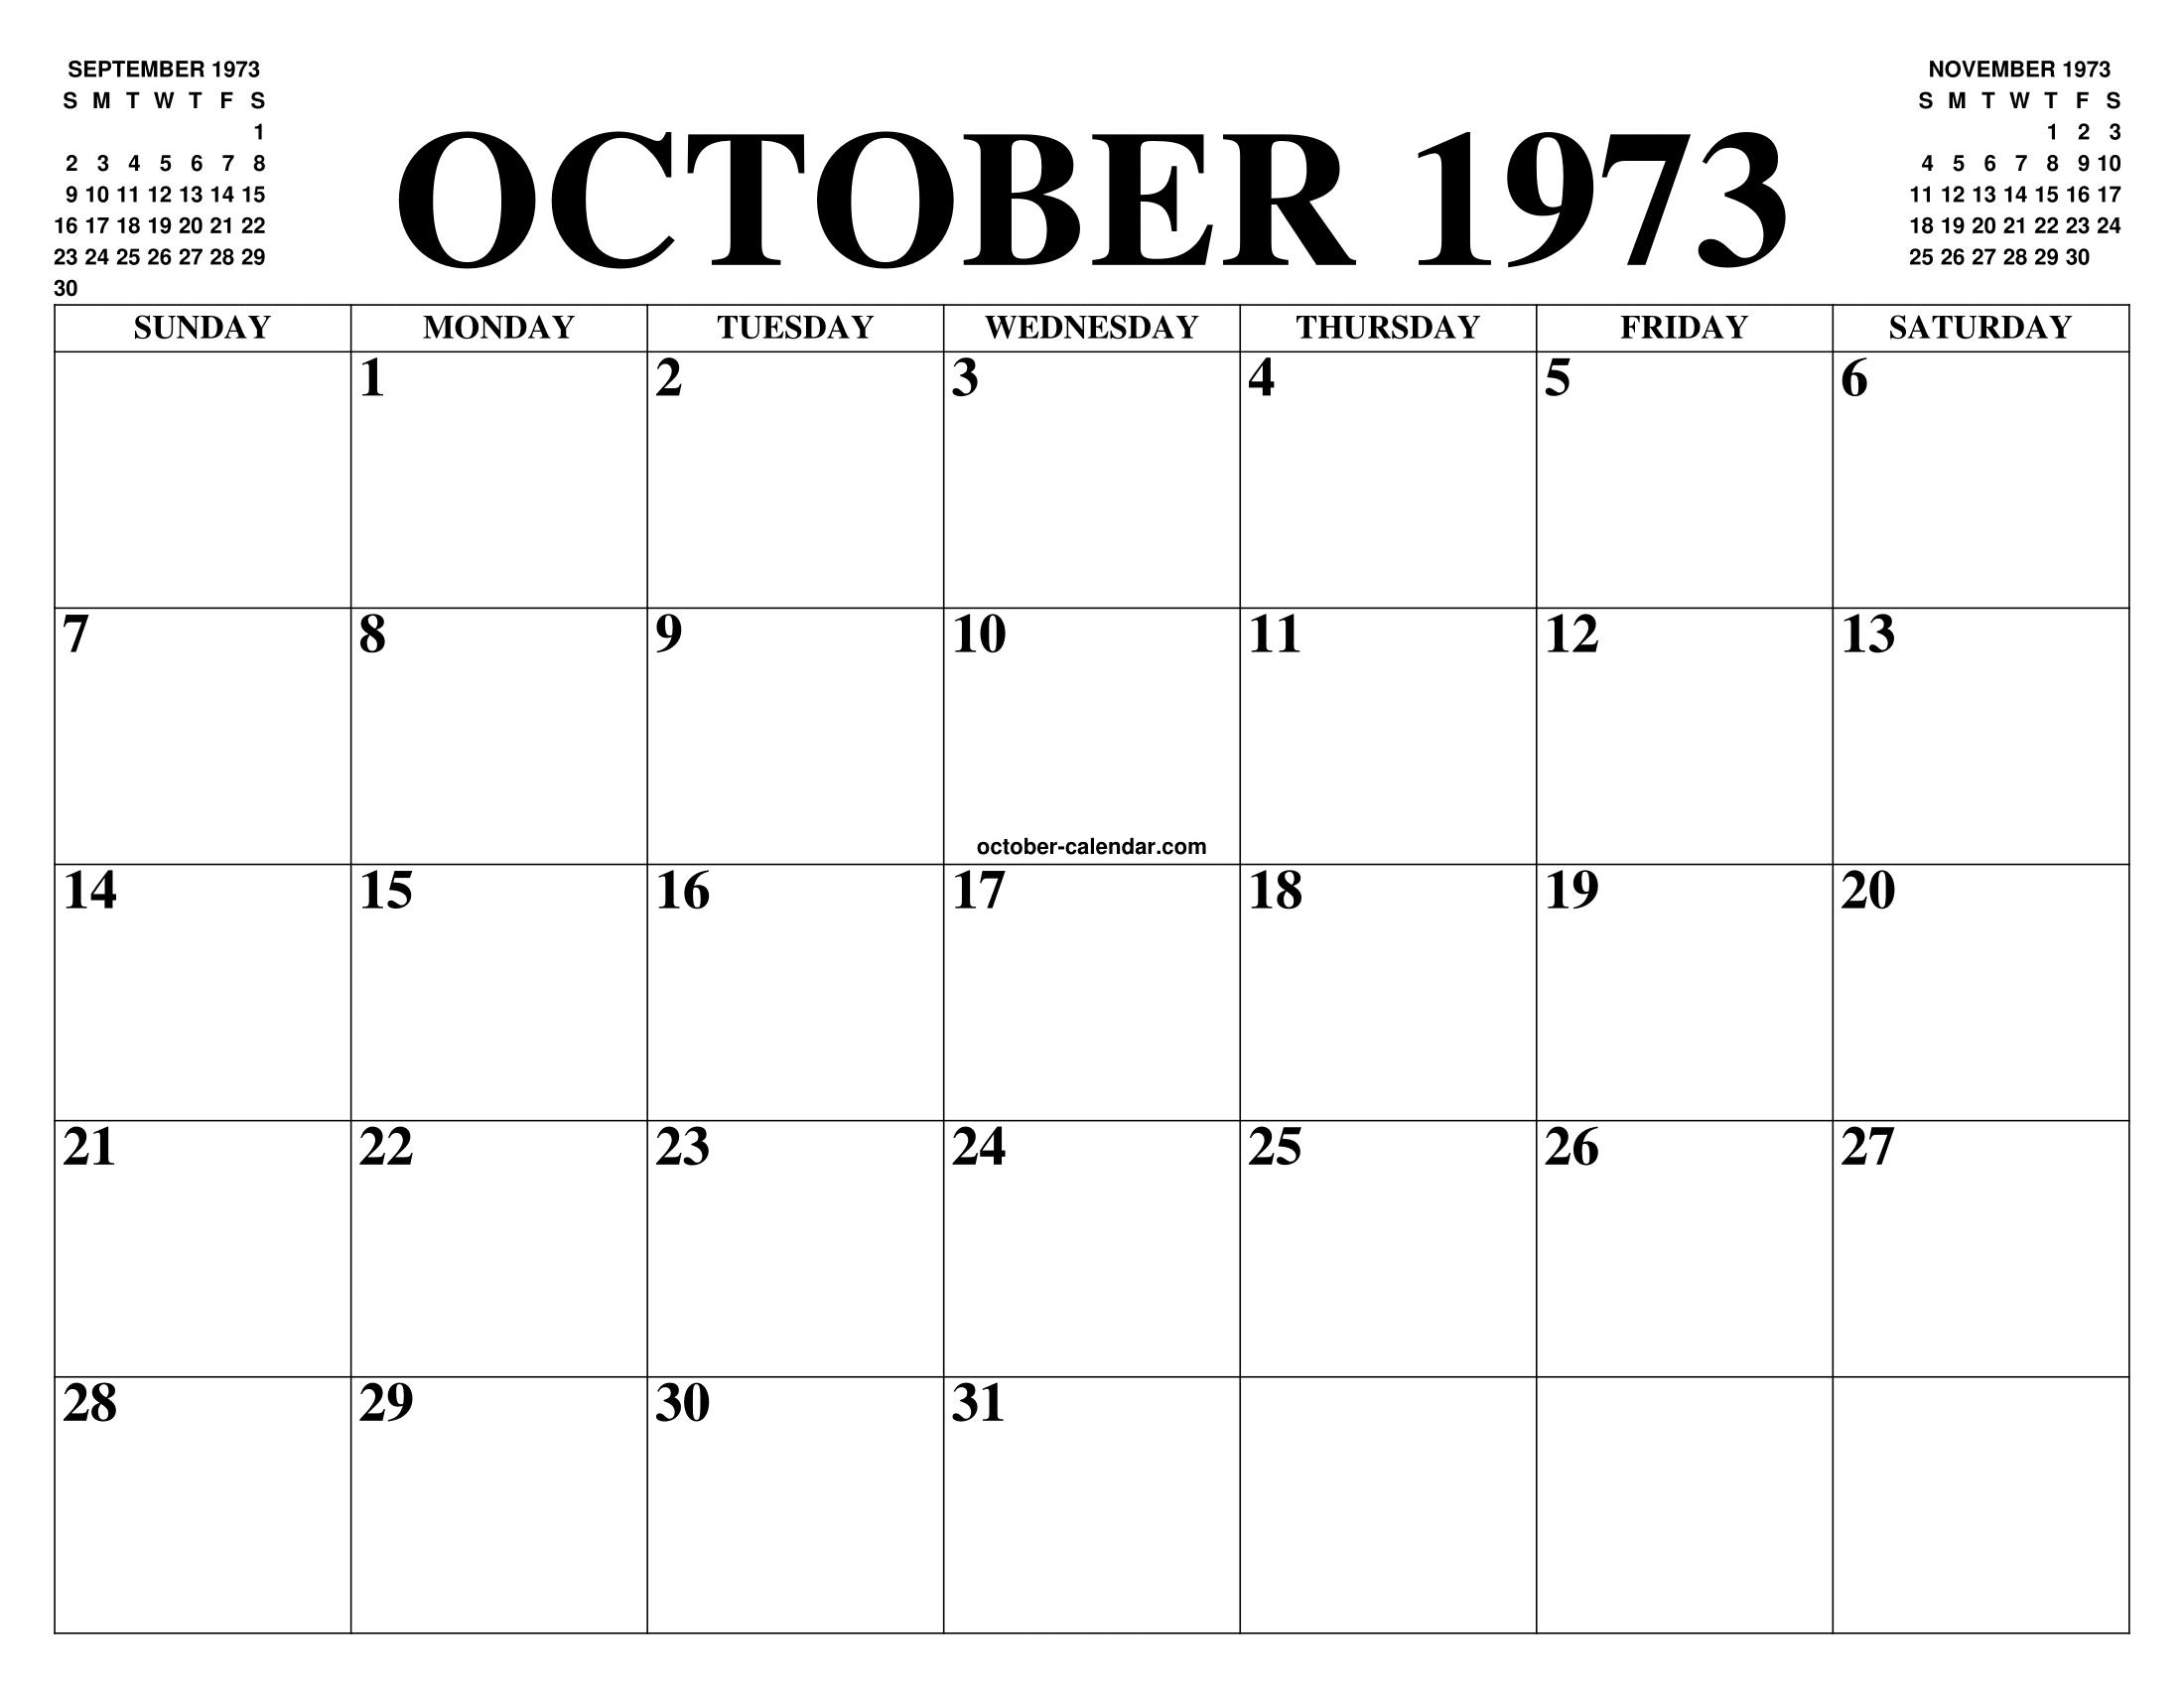 Calendario 1973.October 1973 Calendar Of The Month Free Printable October